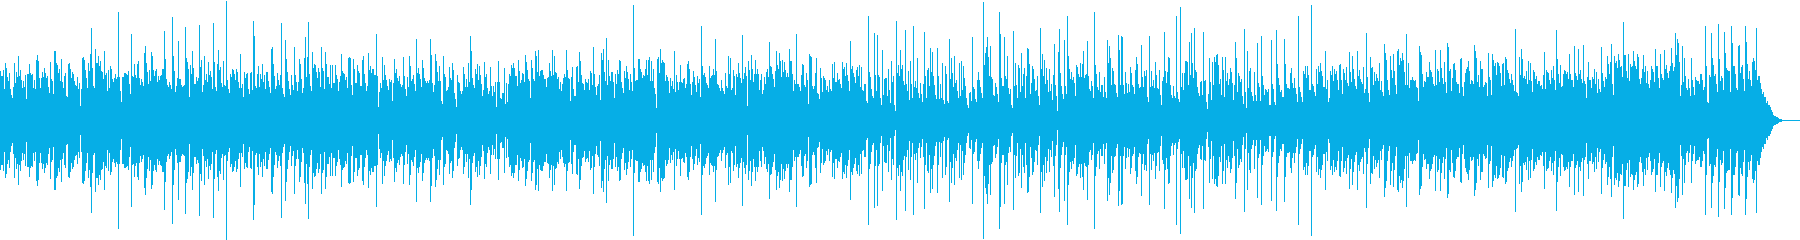 サックスのほのぼのとしたジャズワルツの再生済みの波形